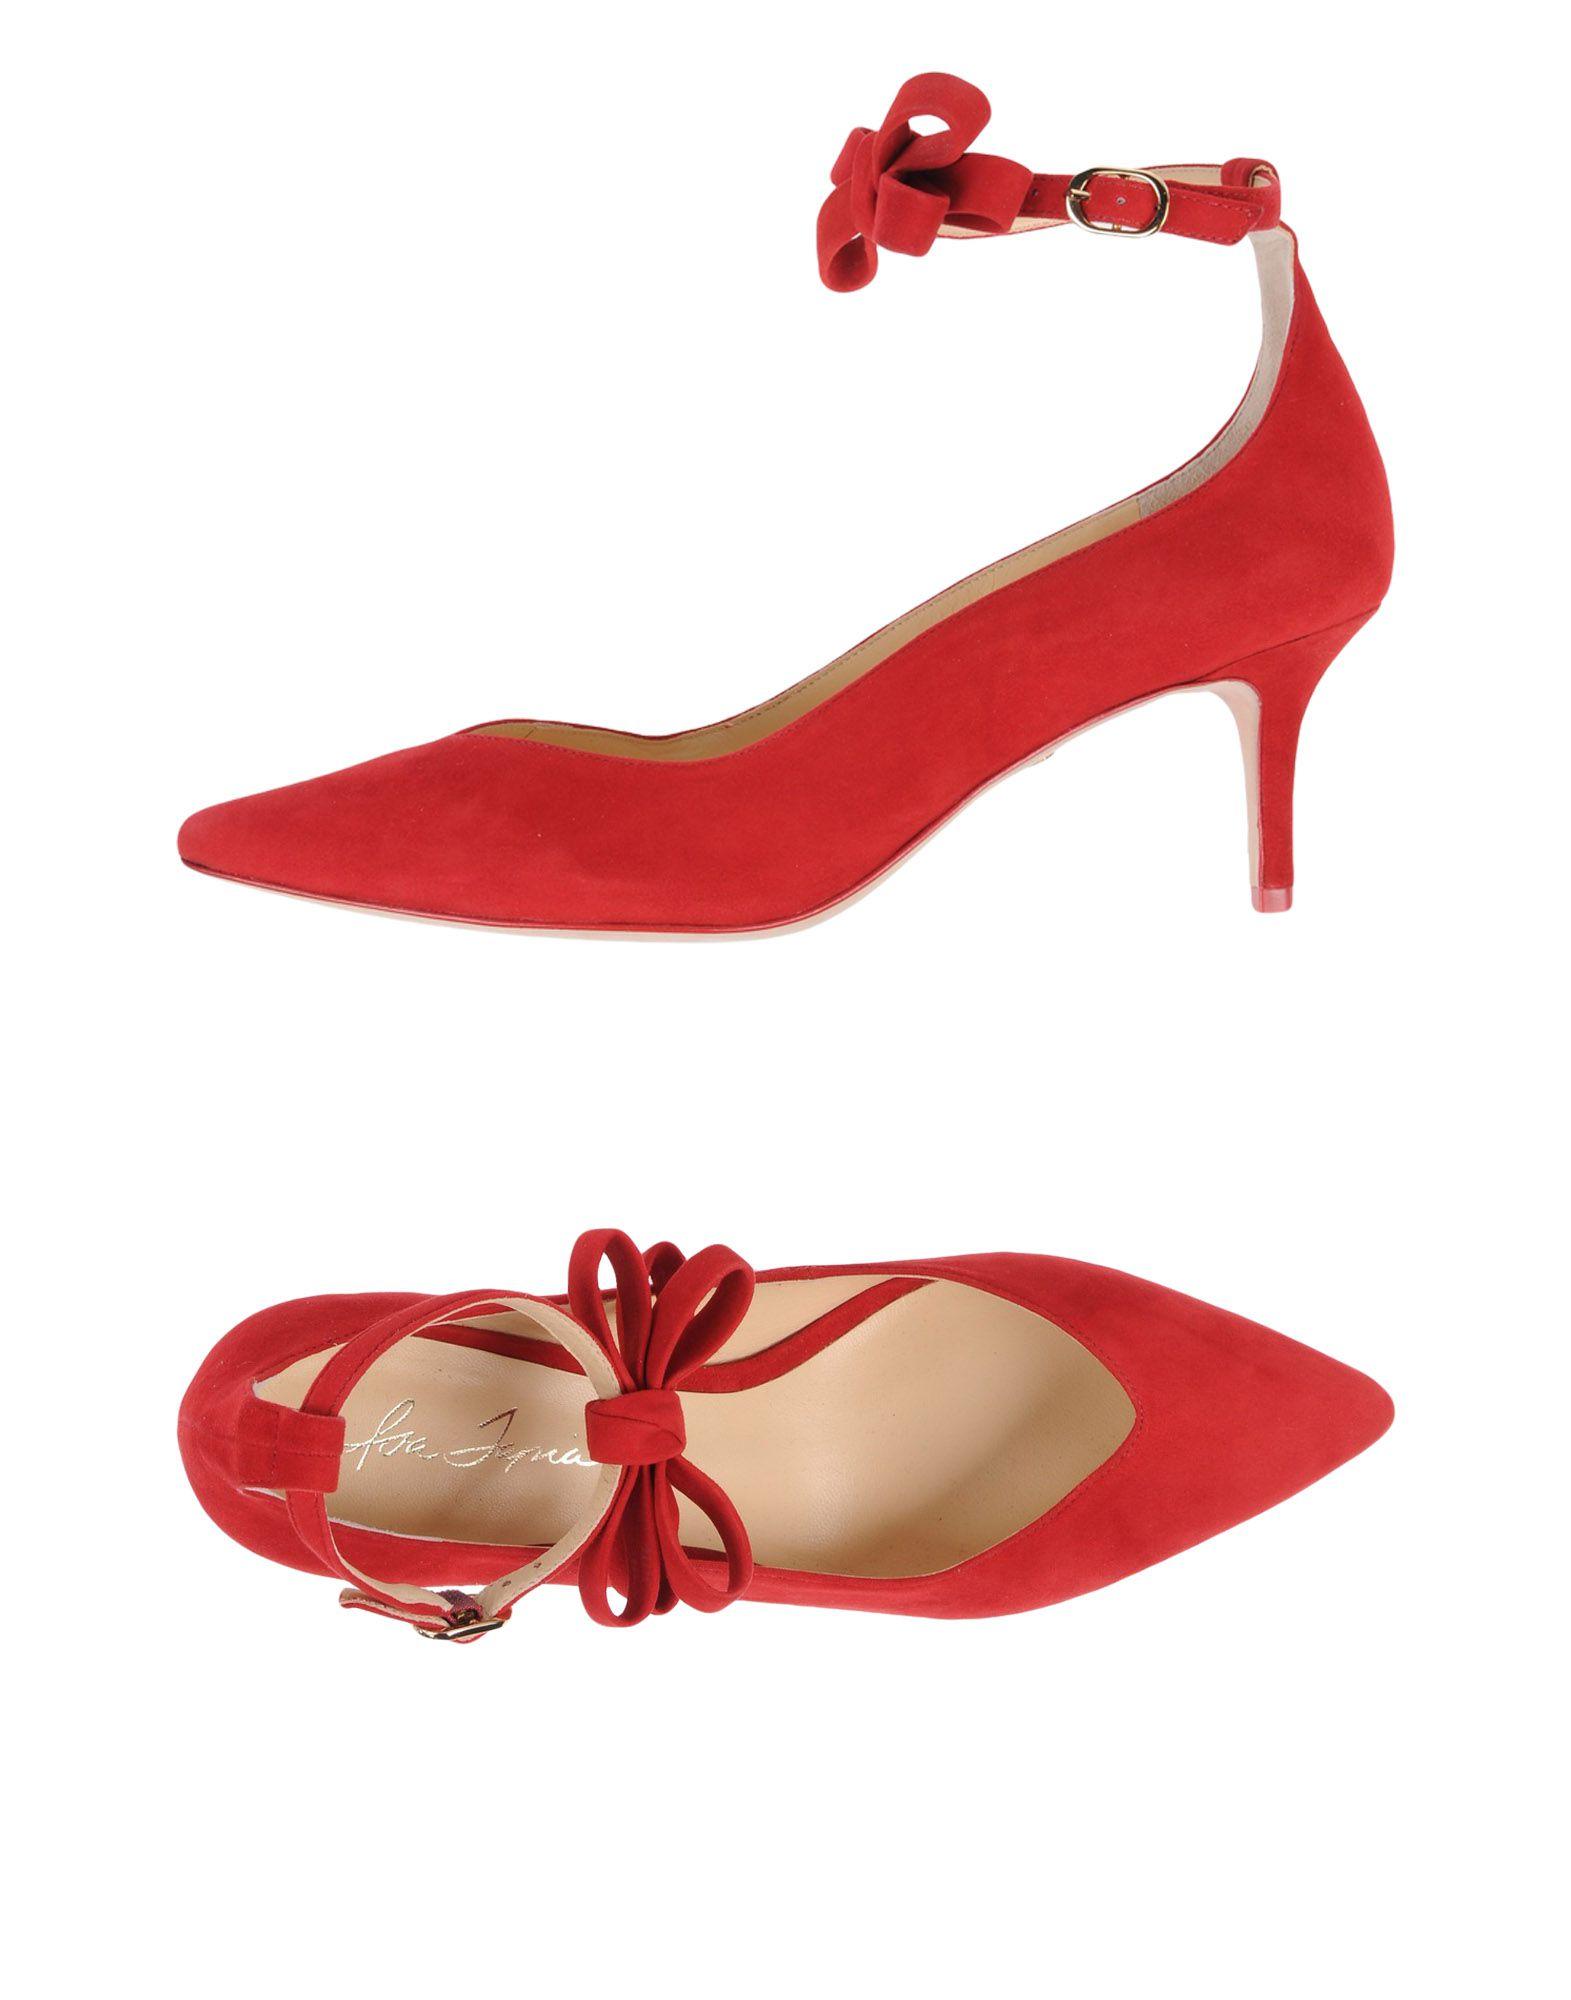 Rojo Rojo Rojo Zapato De Salón Isa Tapia Mujer - Salones Isa Tapia modelo más vendido de la marca 9c6d5d